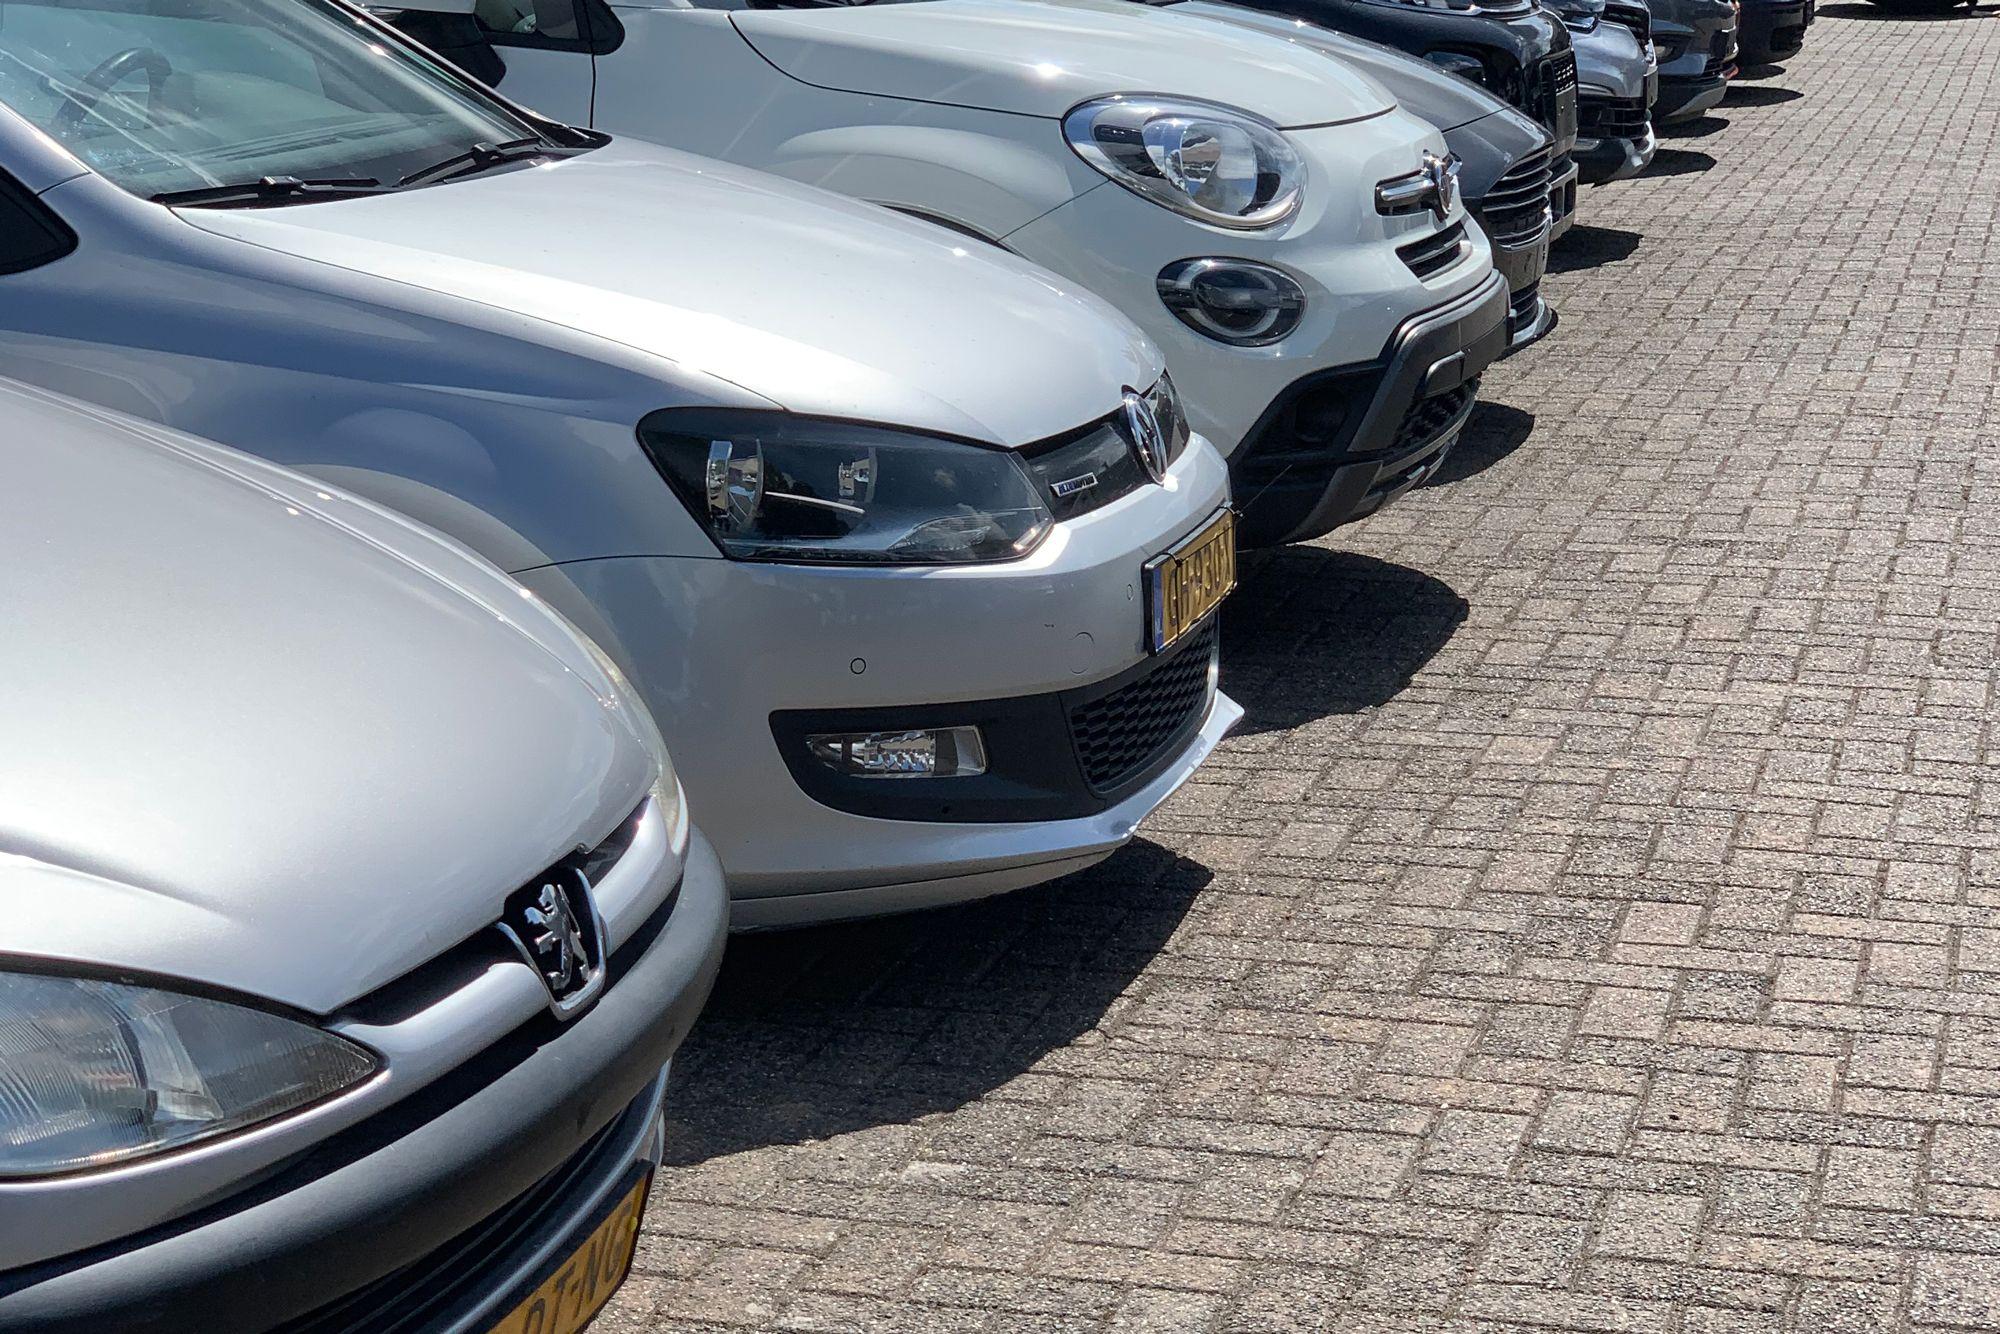 Goedkope tweedehands auto's bij Car Cleaning Andelst | Occasions